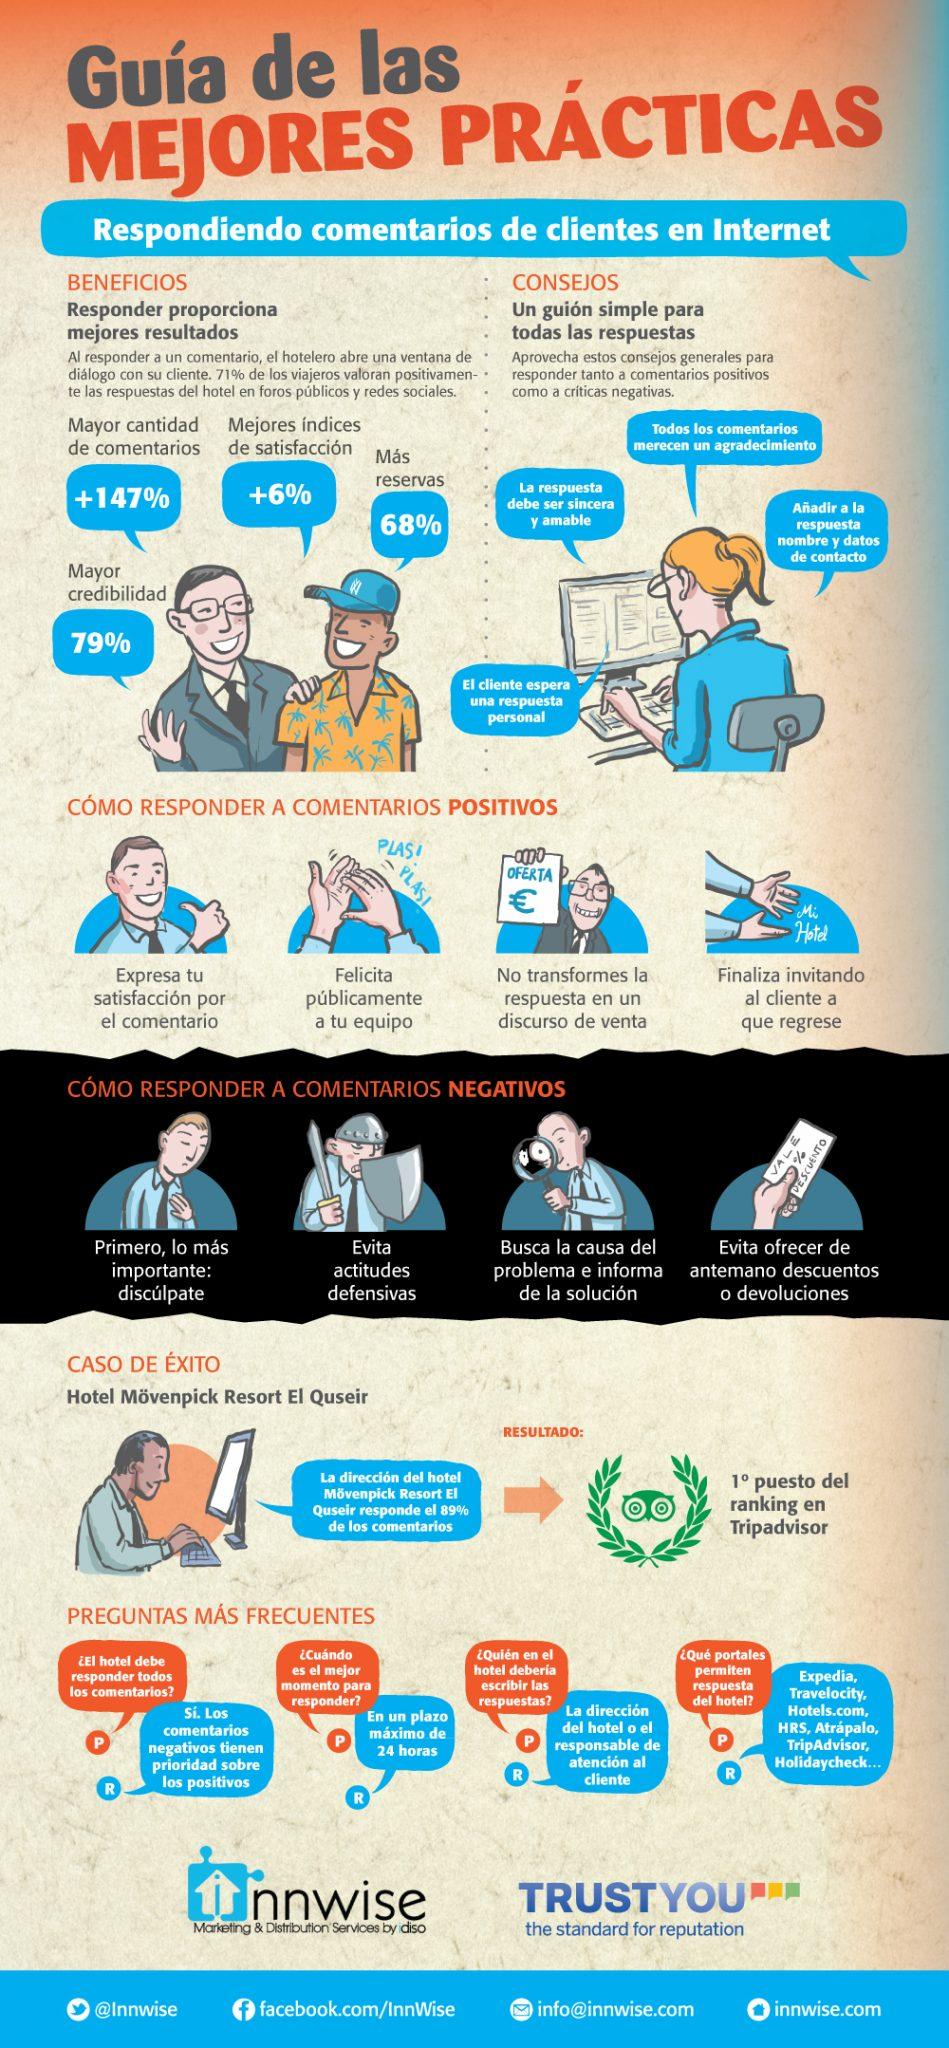 infografia_guia_buenas_practicas_comentarios_internet